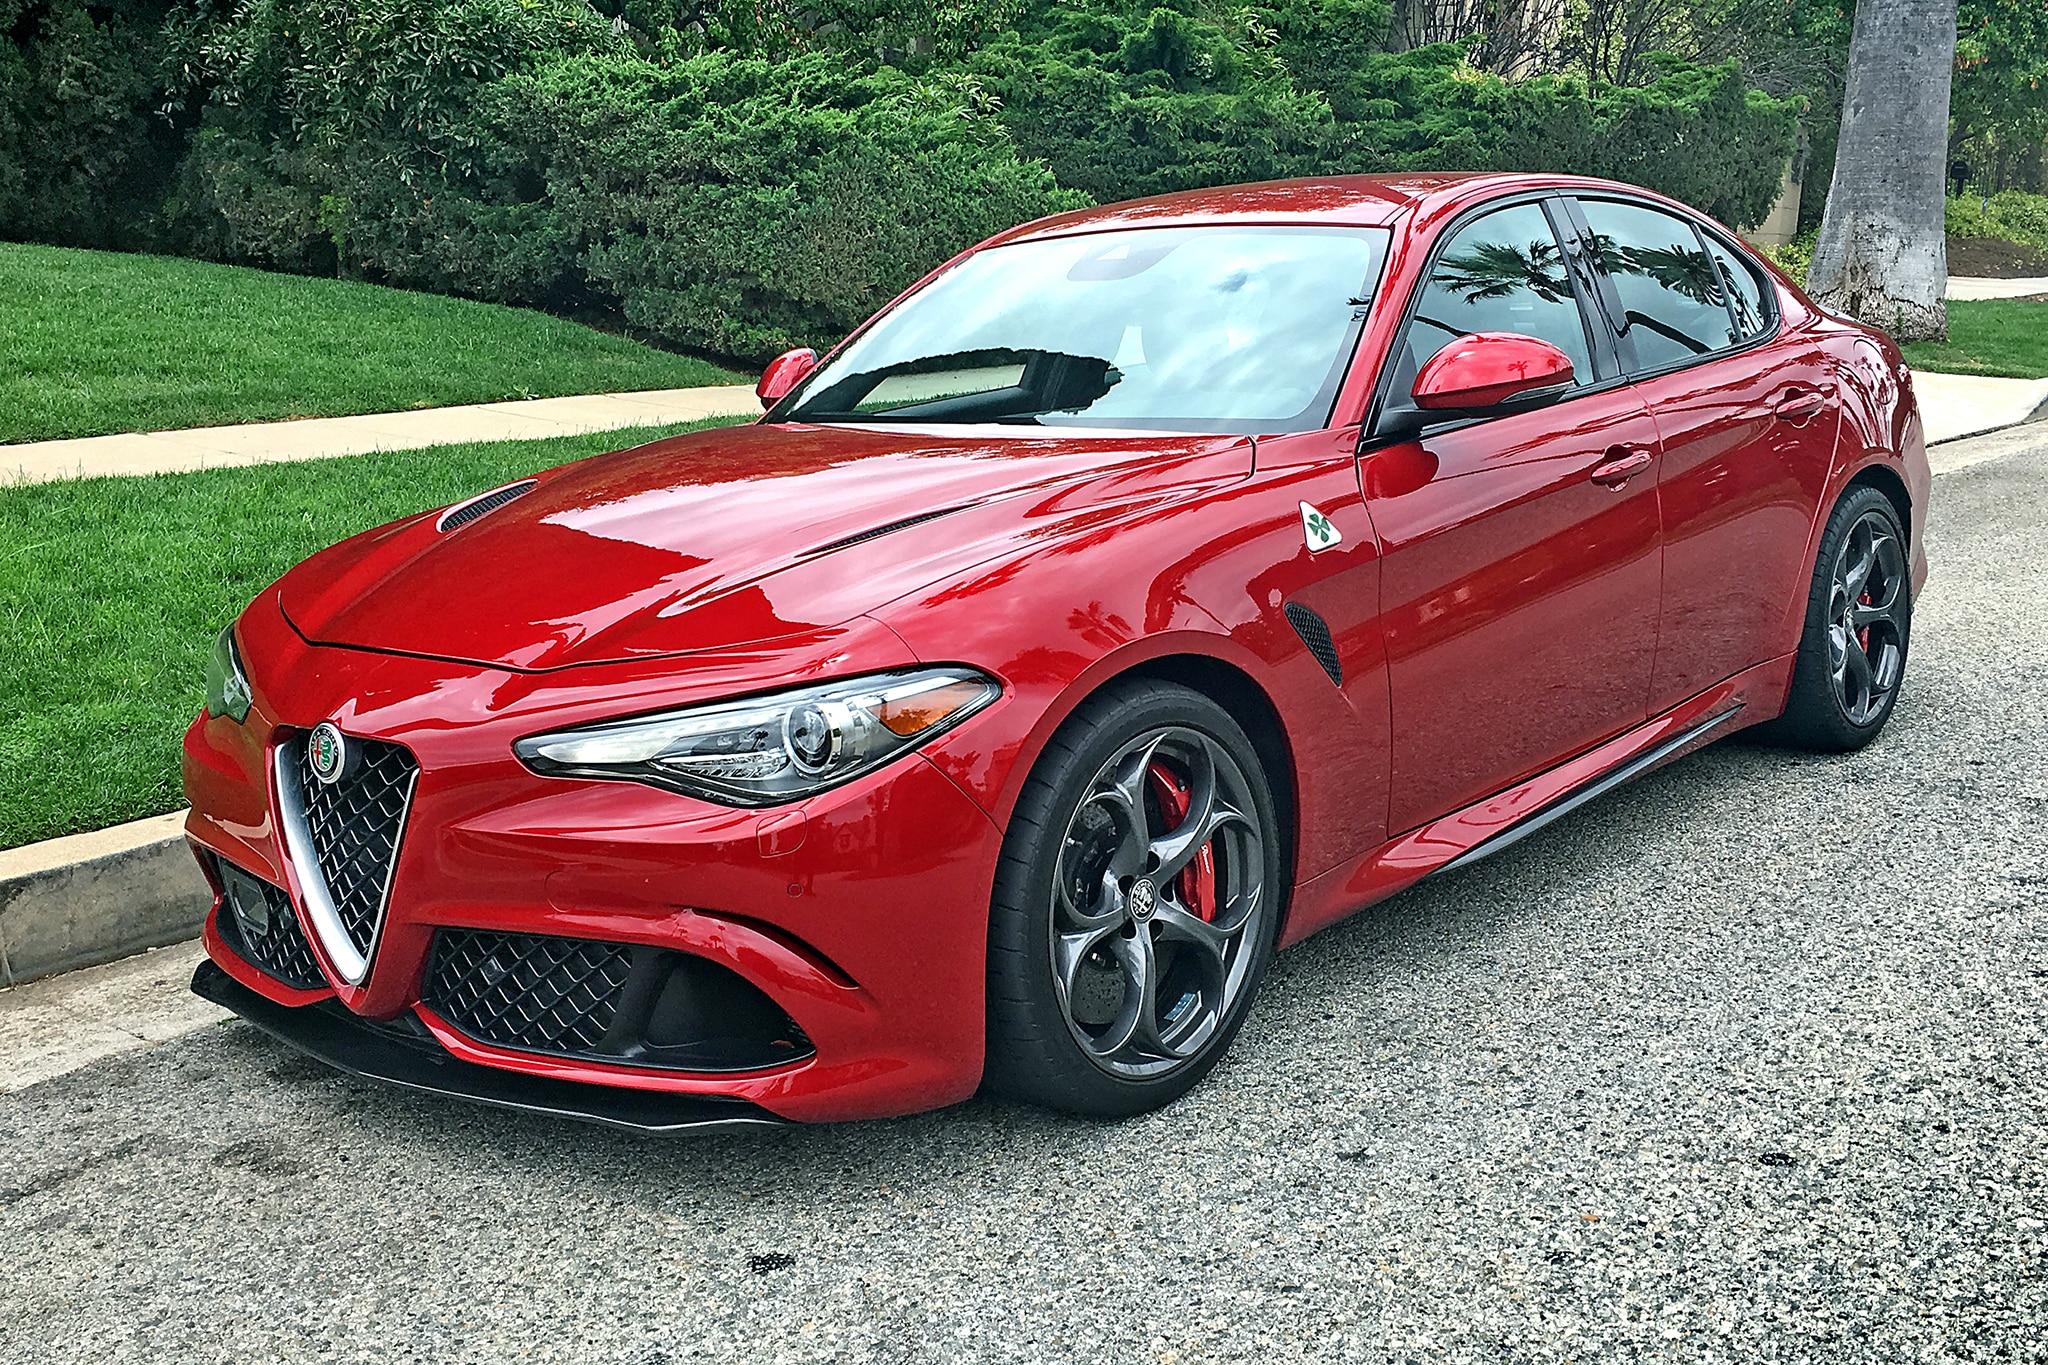 2016 Alfa Romeo Giulia Quadrifoglio Review   CarAdvice   Alfa Romeo Giulietta Quadrifoglio